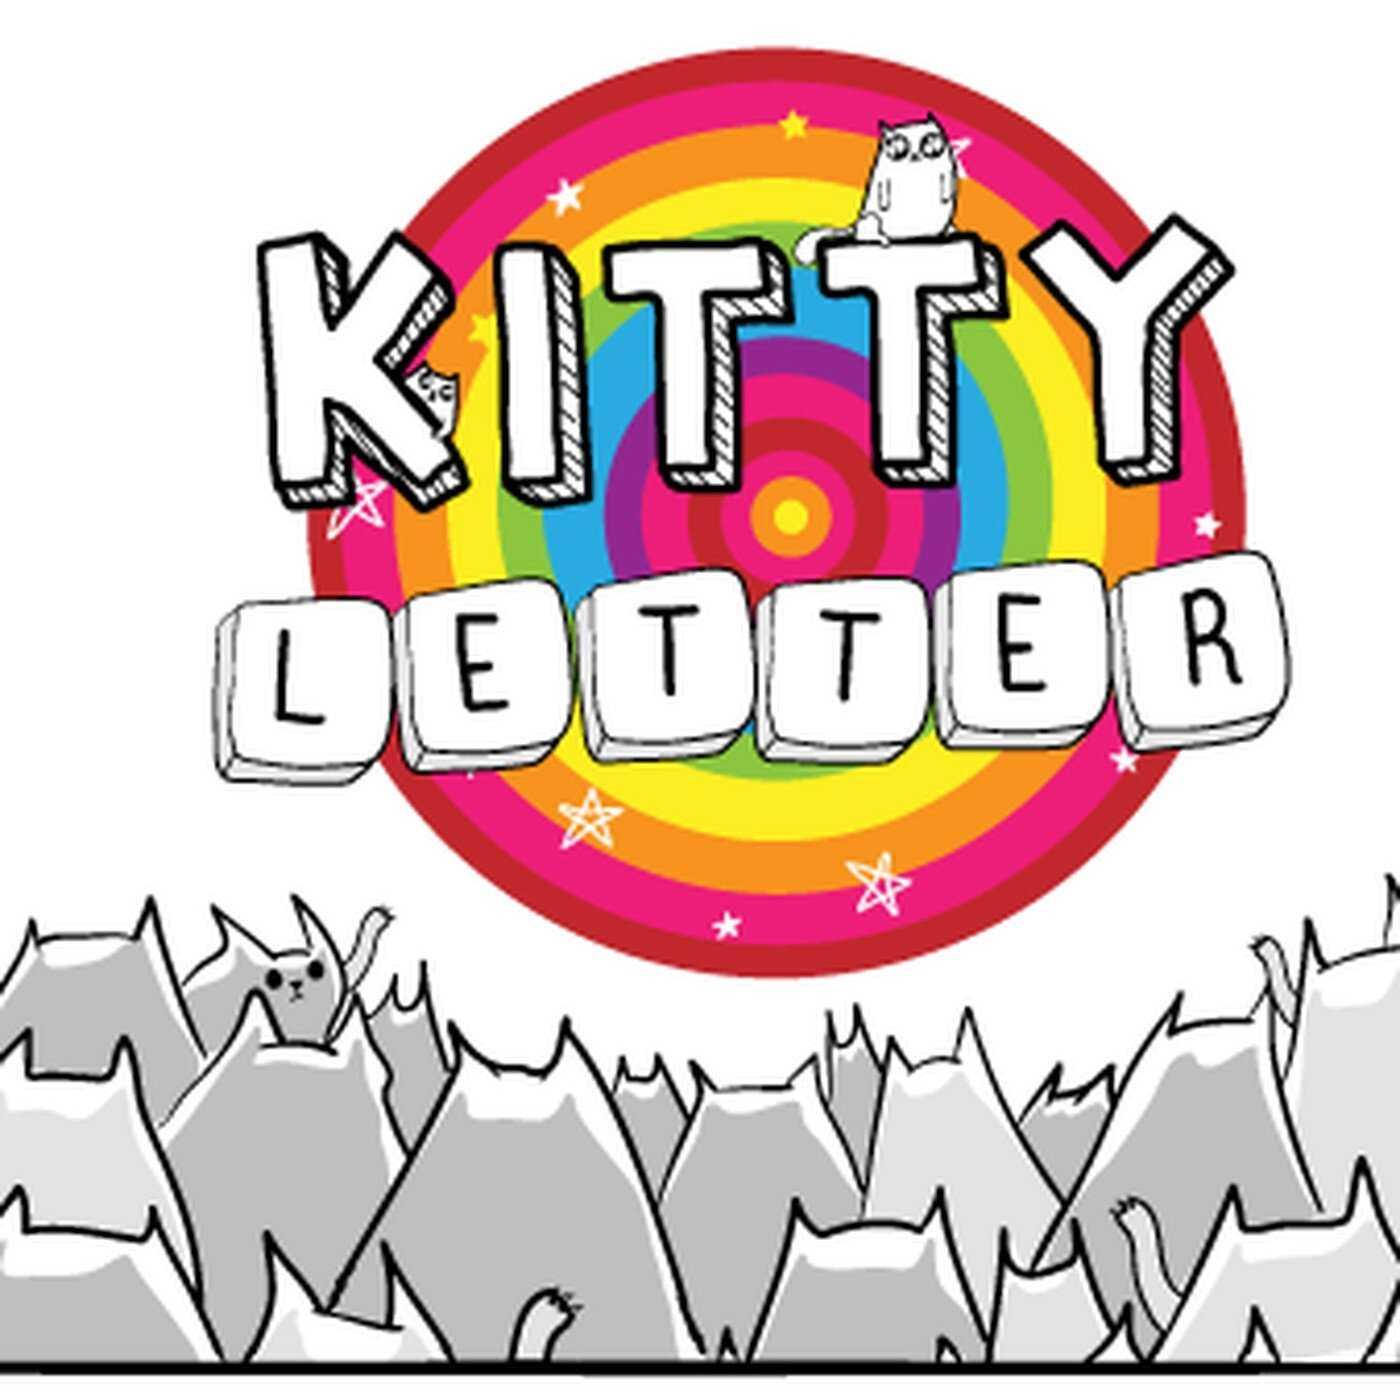 Kitty Letter, c'est la version mobile d'Exploding Kittens